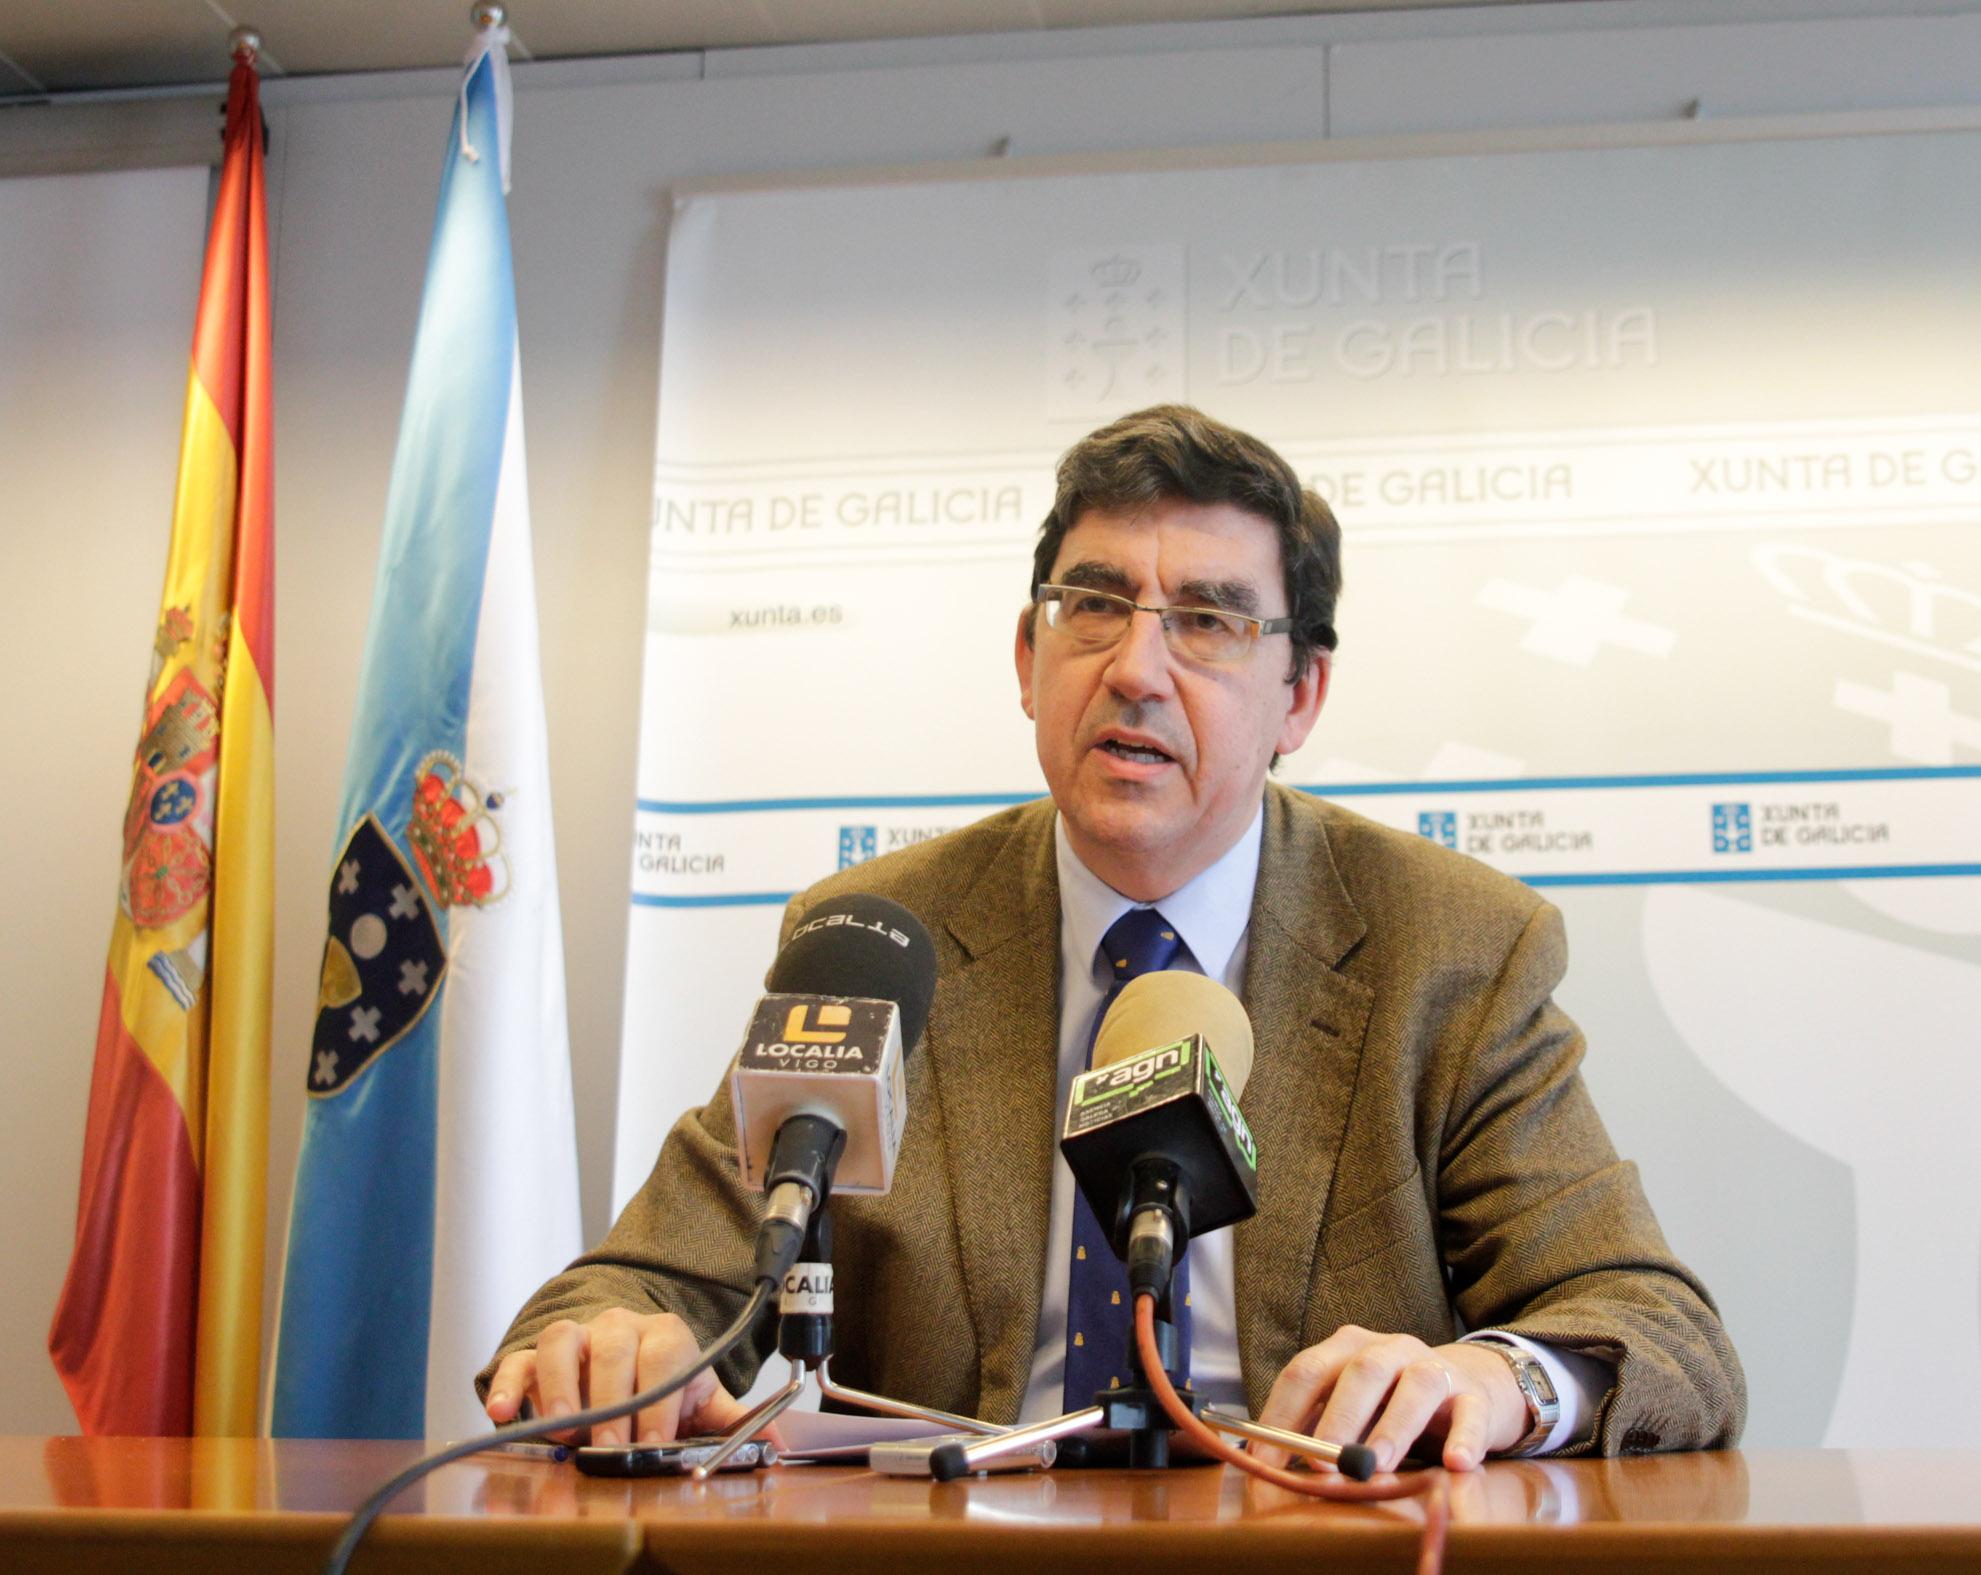 La Xunta adjudicó ya 10 viviendas a familias en riesgo de exclusión o en situación de desahucio en Vigo y su área